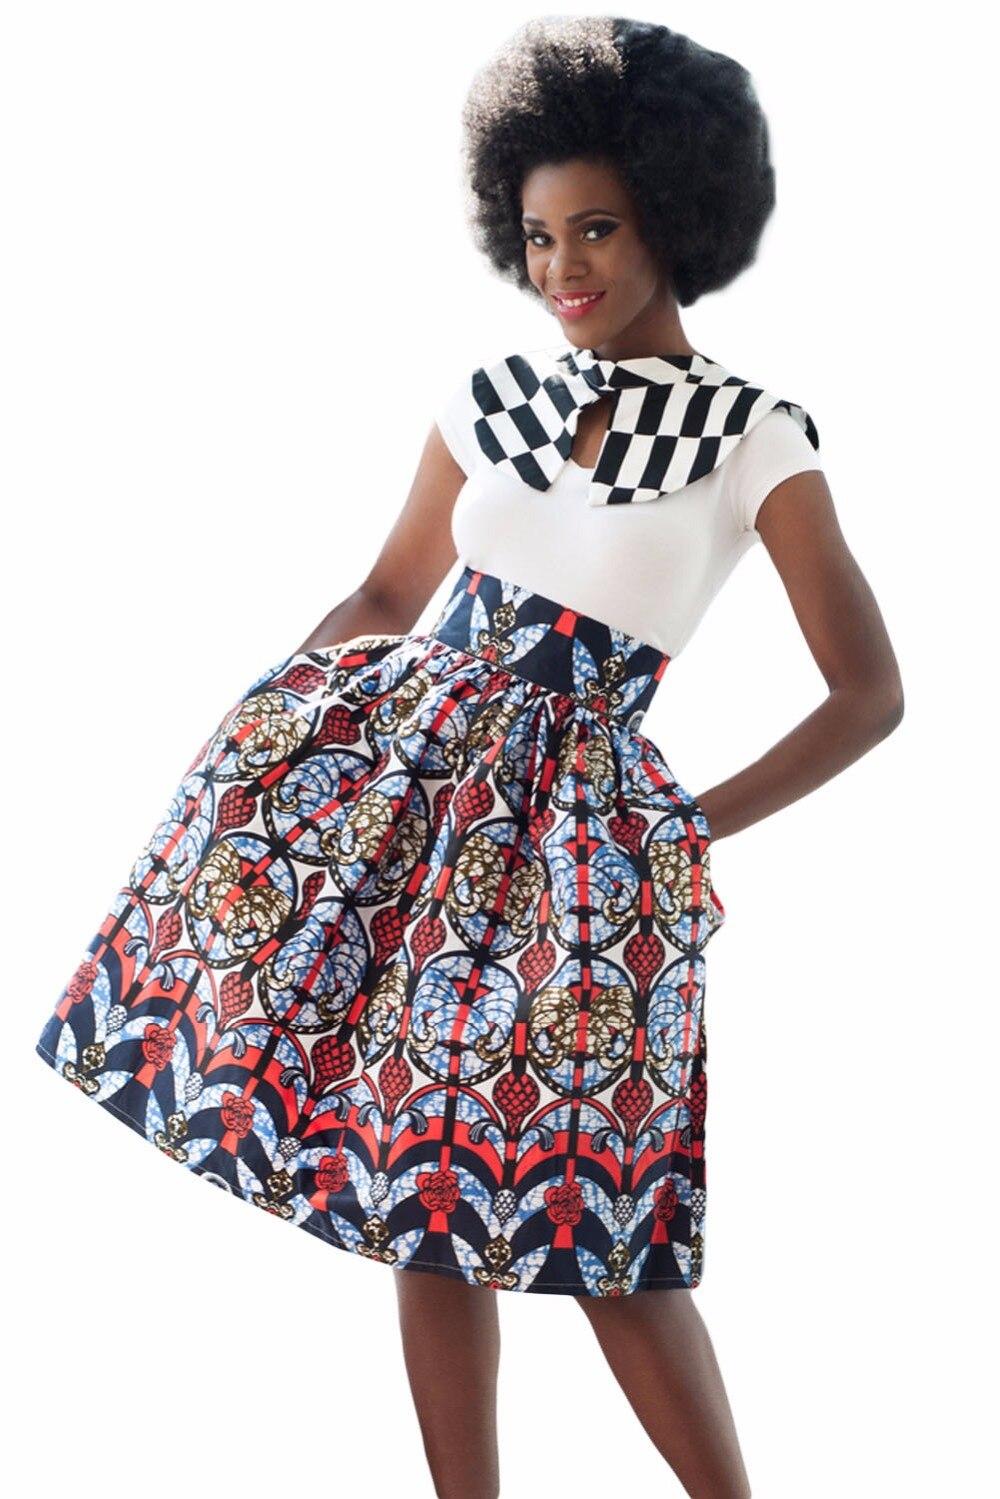 Popular African Print Skirt Buy Cheap African Print Skirt Lots From China African Print Skirt